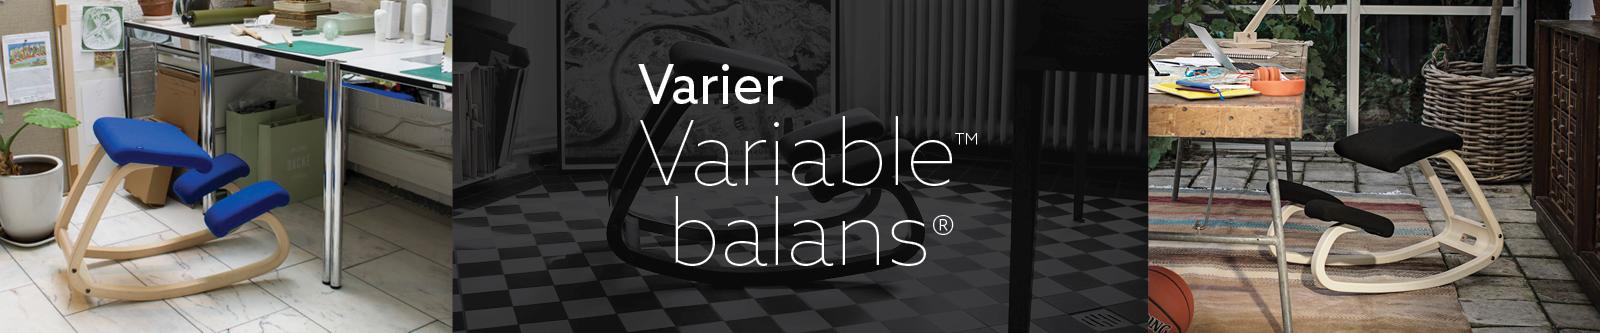 varier variable balans